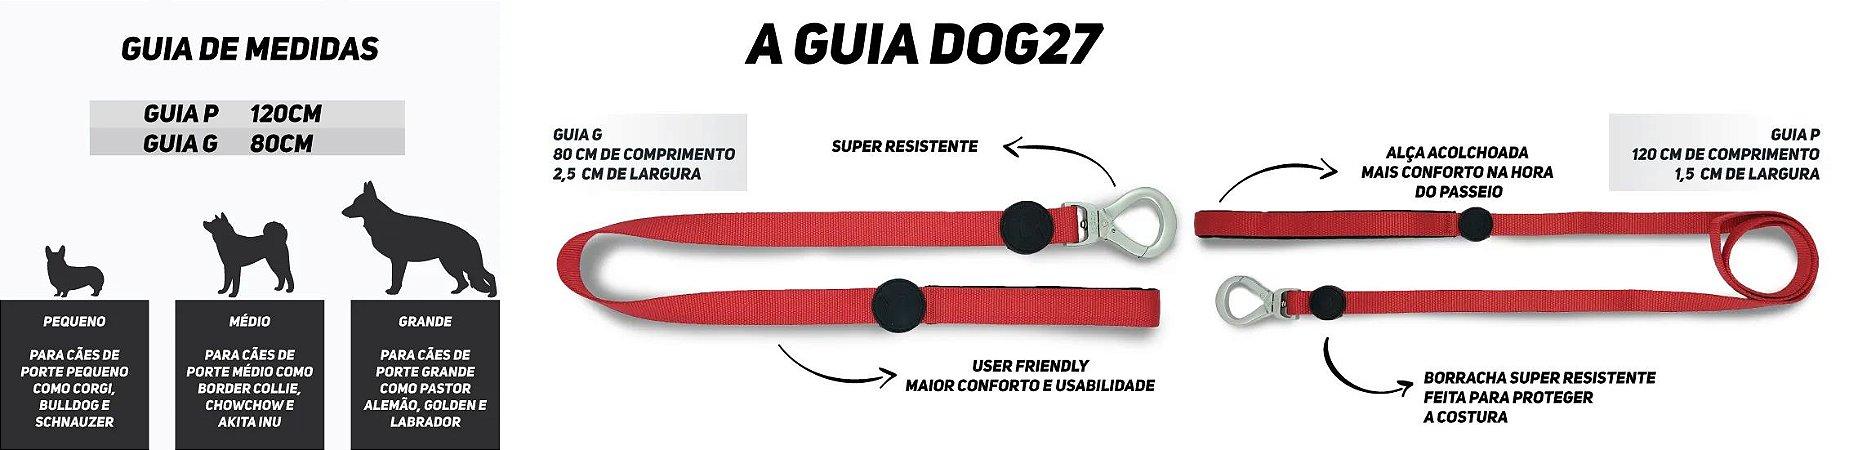 GUIA PARA CACHORROS DOG27 ONE - TAMANHO P